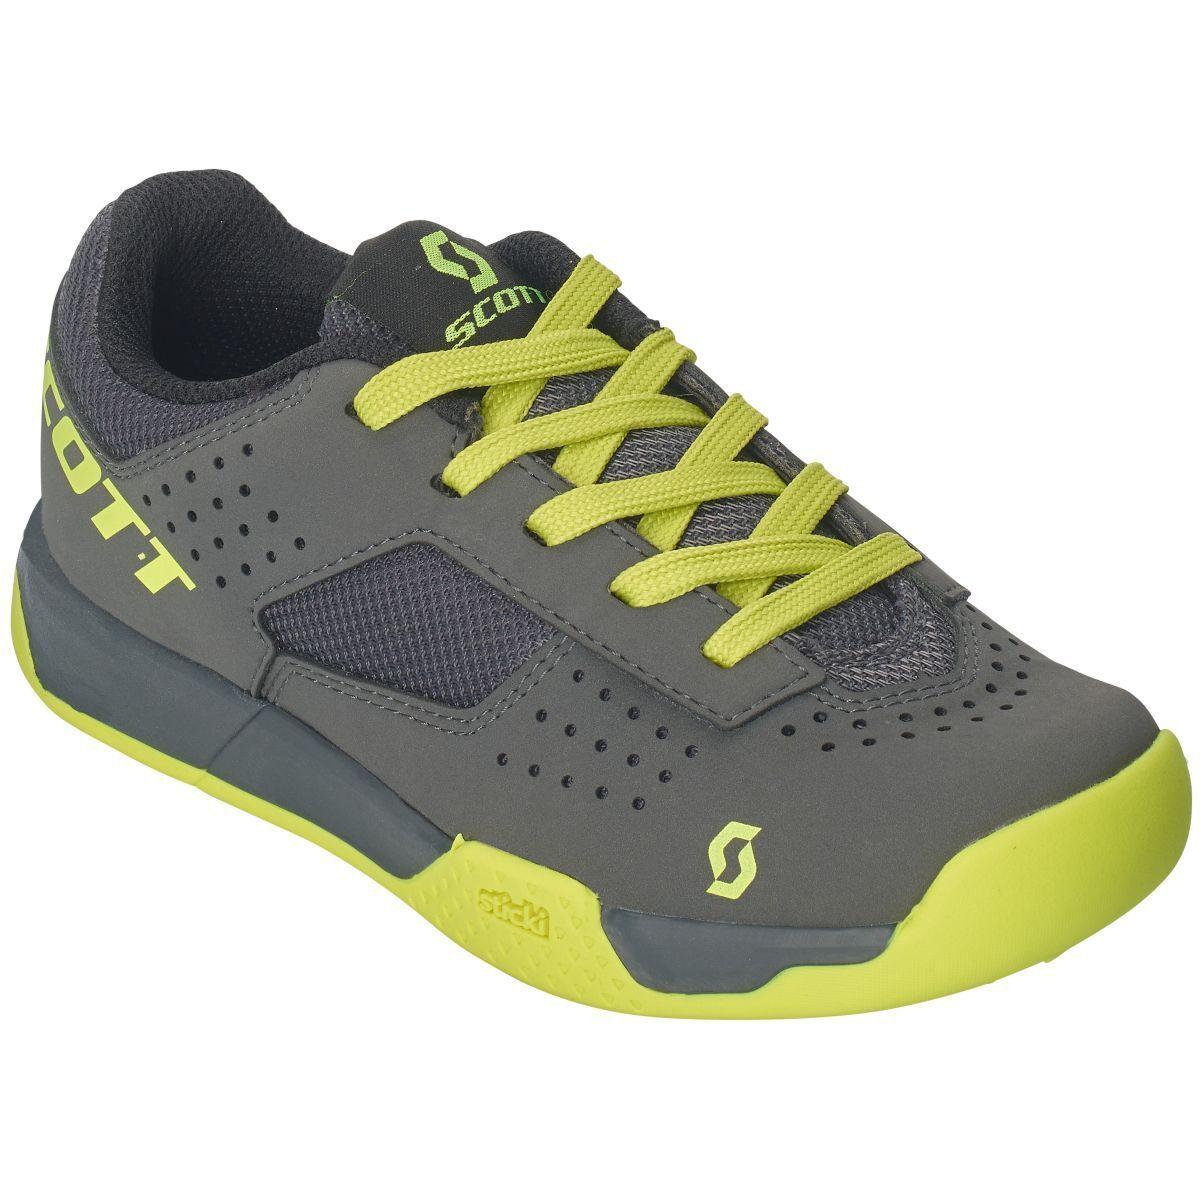 Bici de los cabritos de MTB Scott AR encaje zapatos gris amarillo 2019